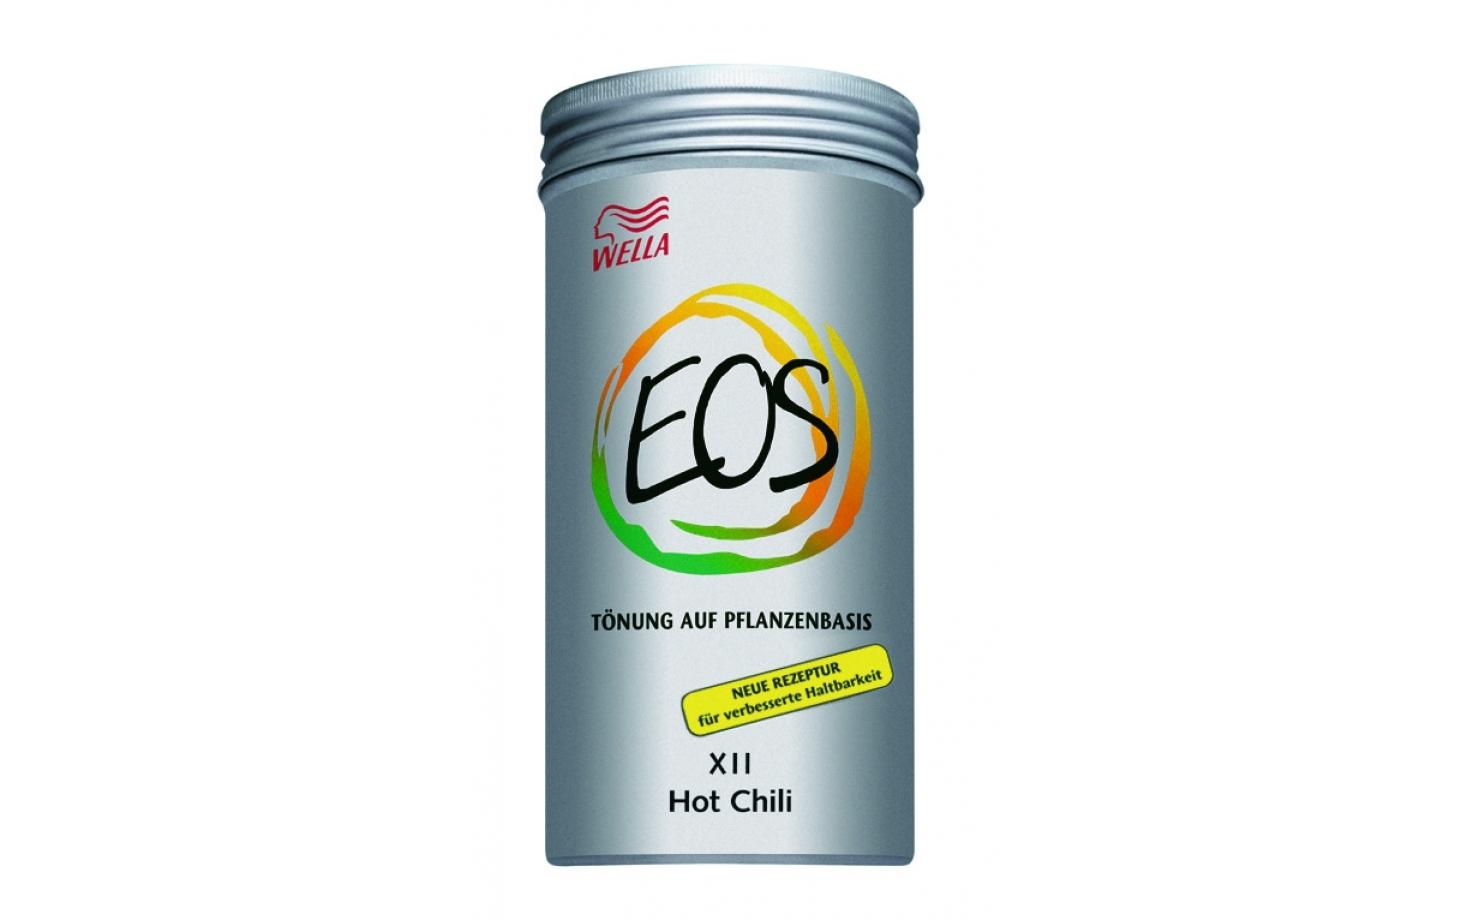 Wella EOS Pflanzentönung 120 g V Golden Curry